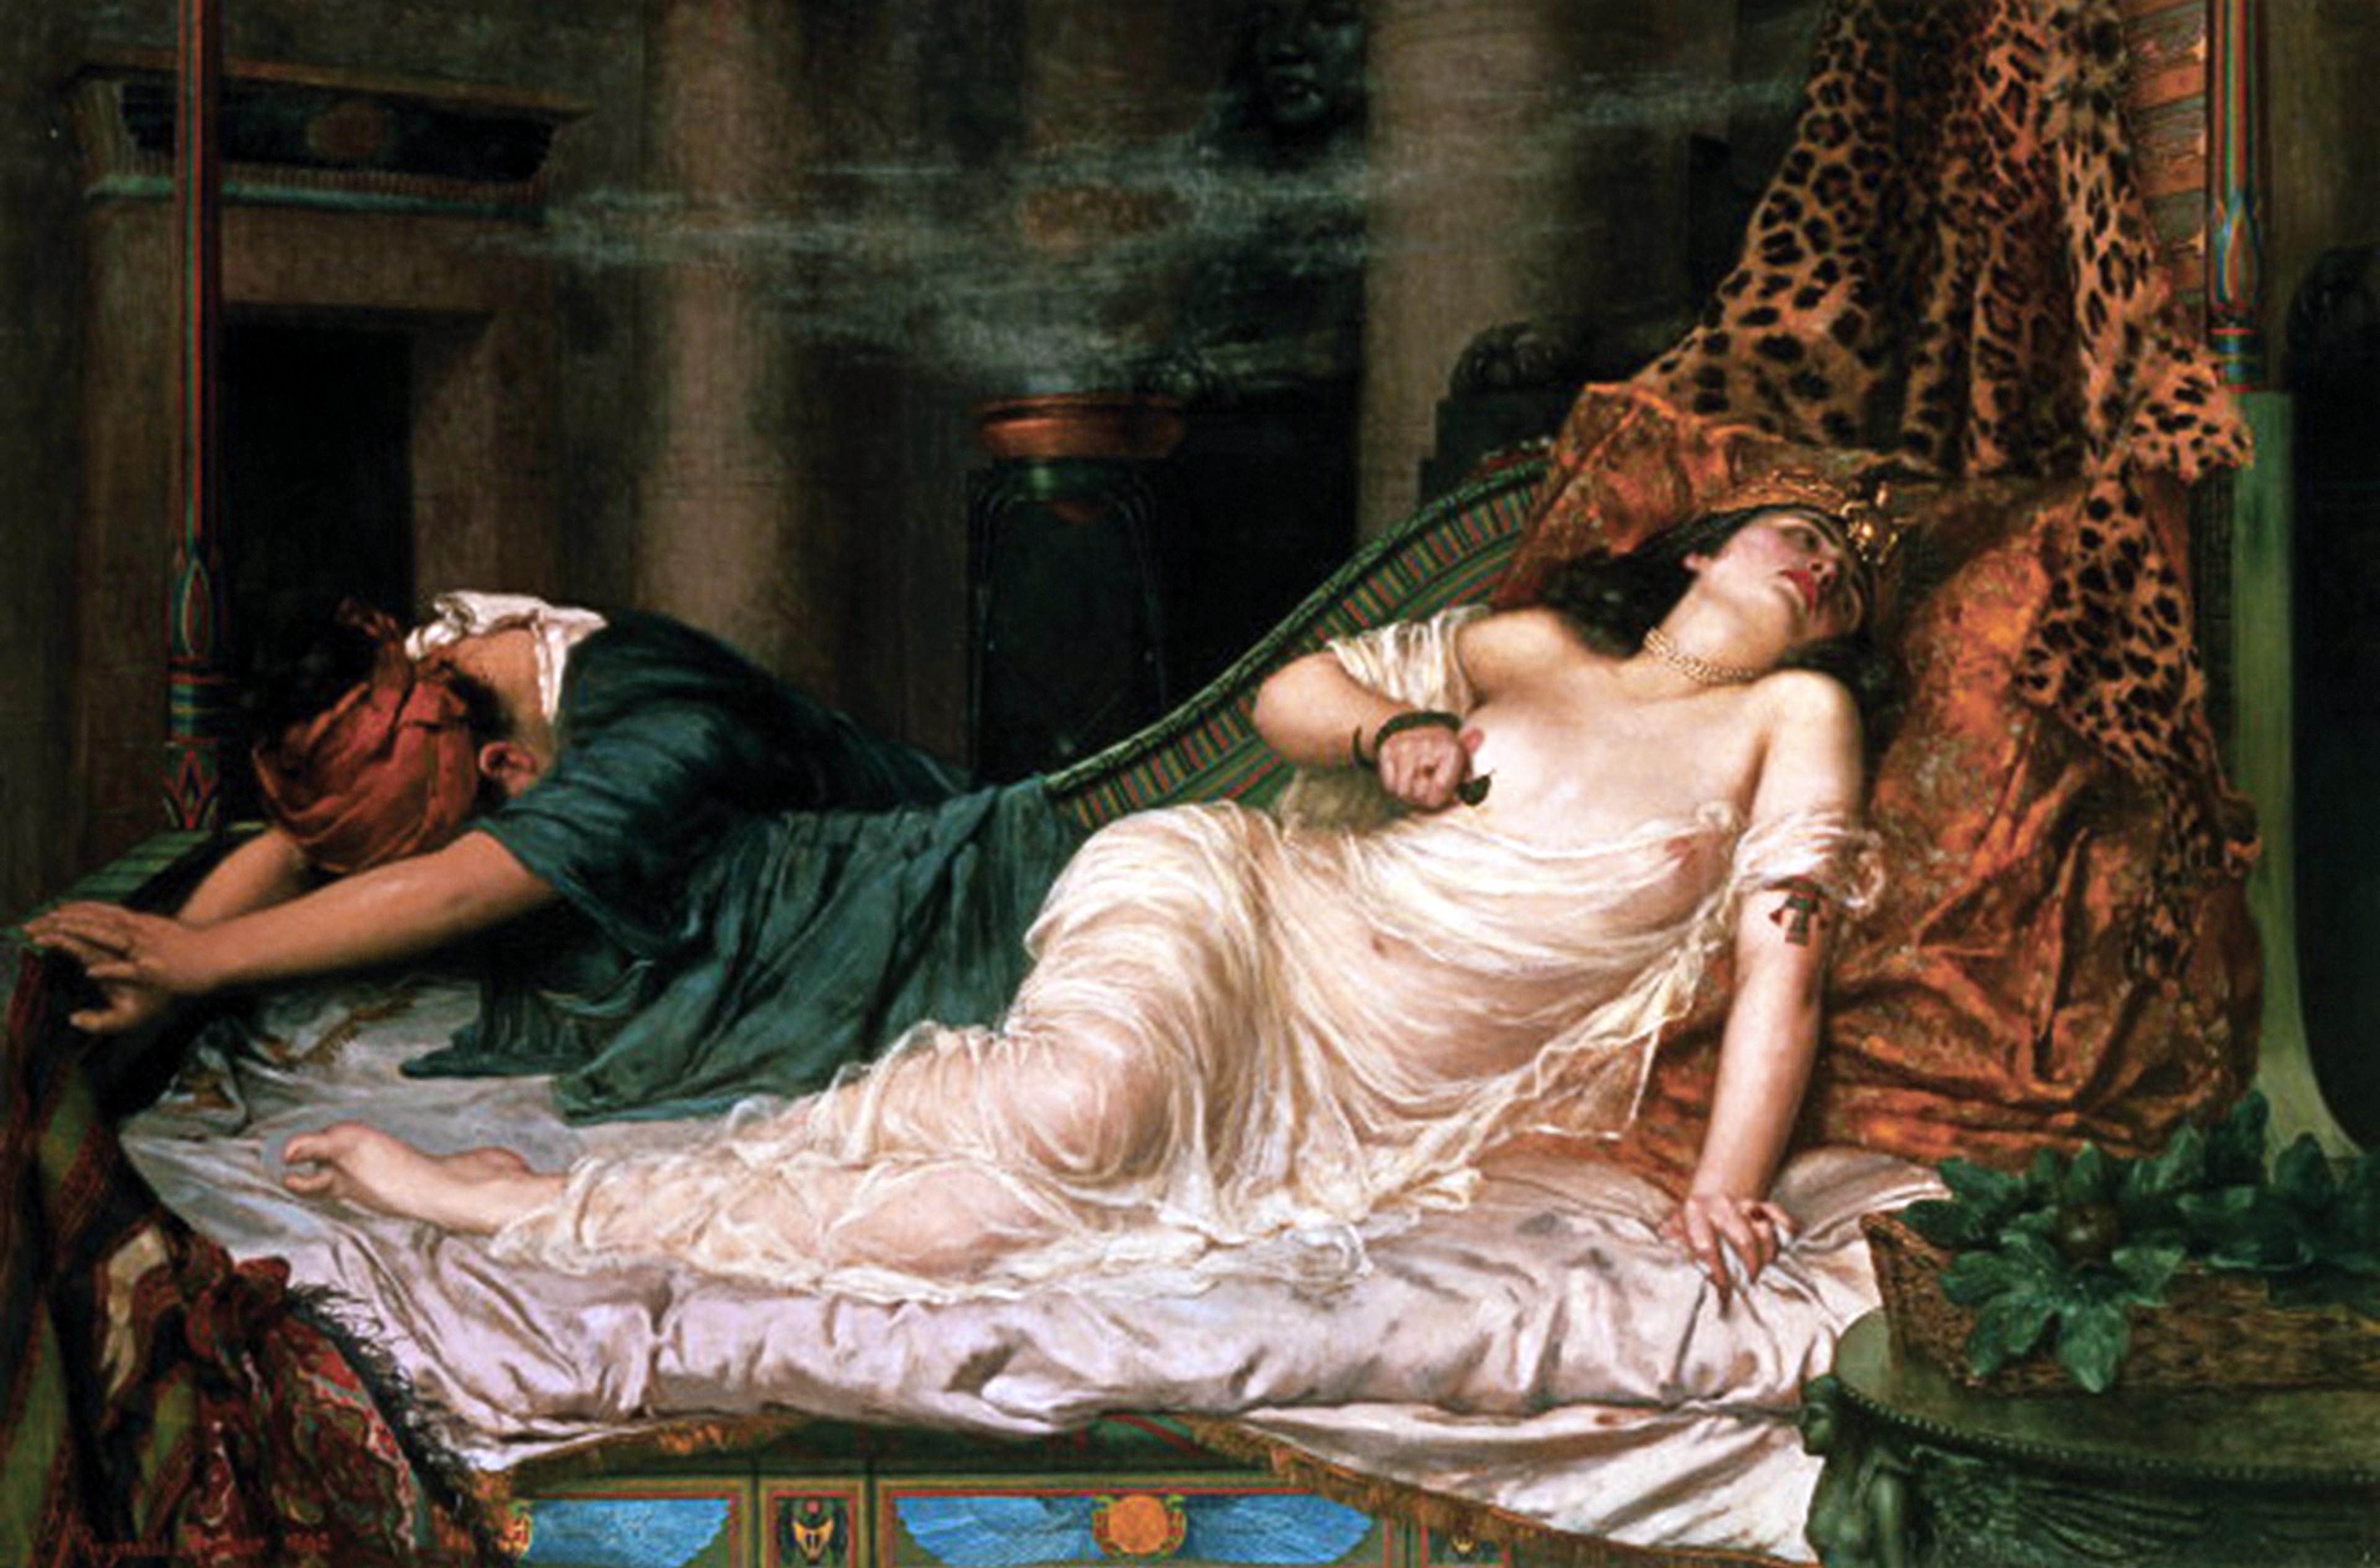 Kleopátra halála Reginald Arthur festményén (forrás: Wikipedia)